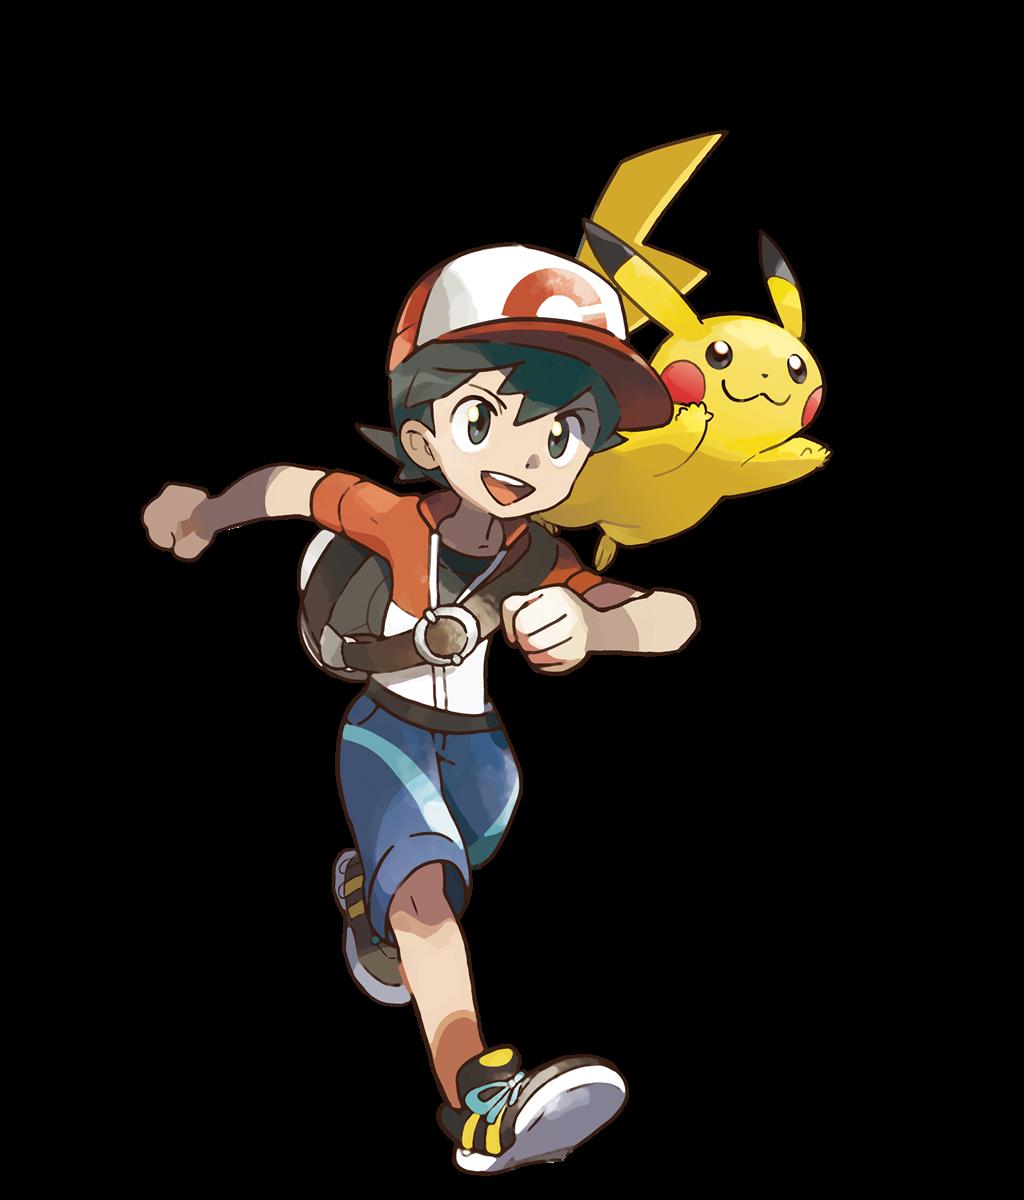 Pokemon Let S Go Male Trainer Artwork Pokemon Pokemon Pikachu Art Pokemon Go Red Team